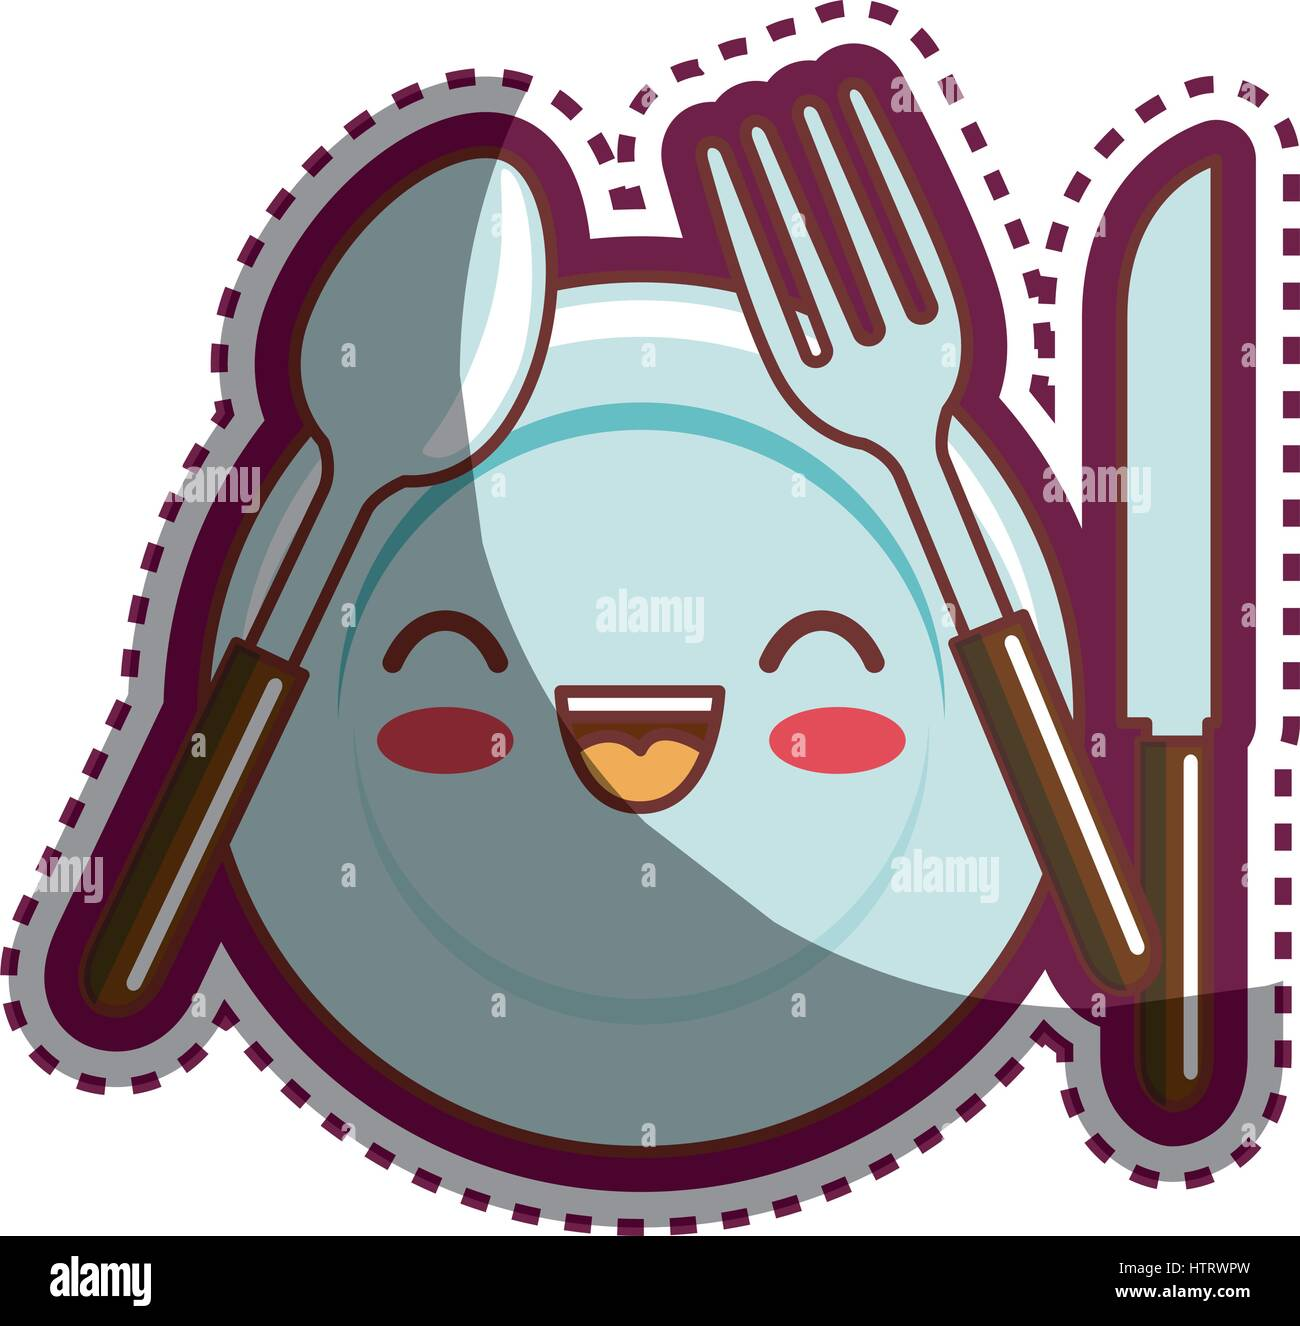 kitchen utensils cartoon character - Stock Vector